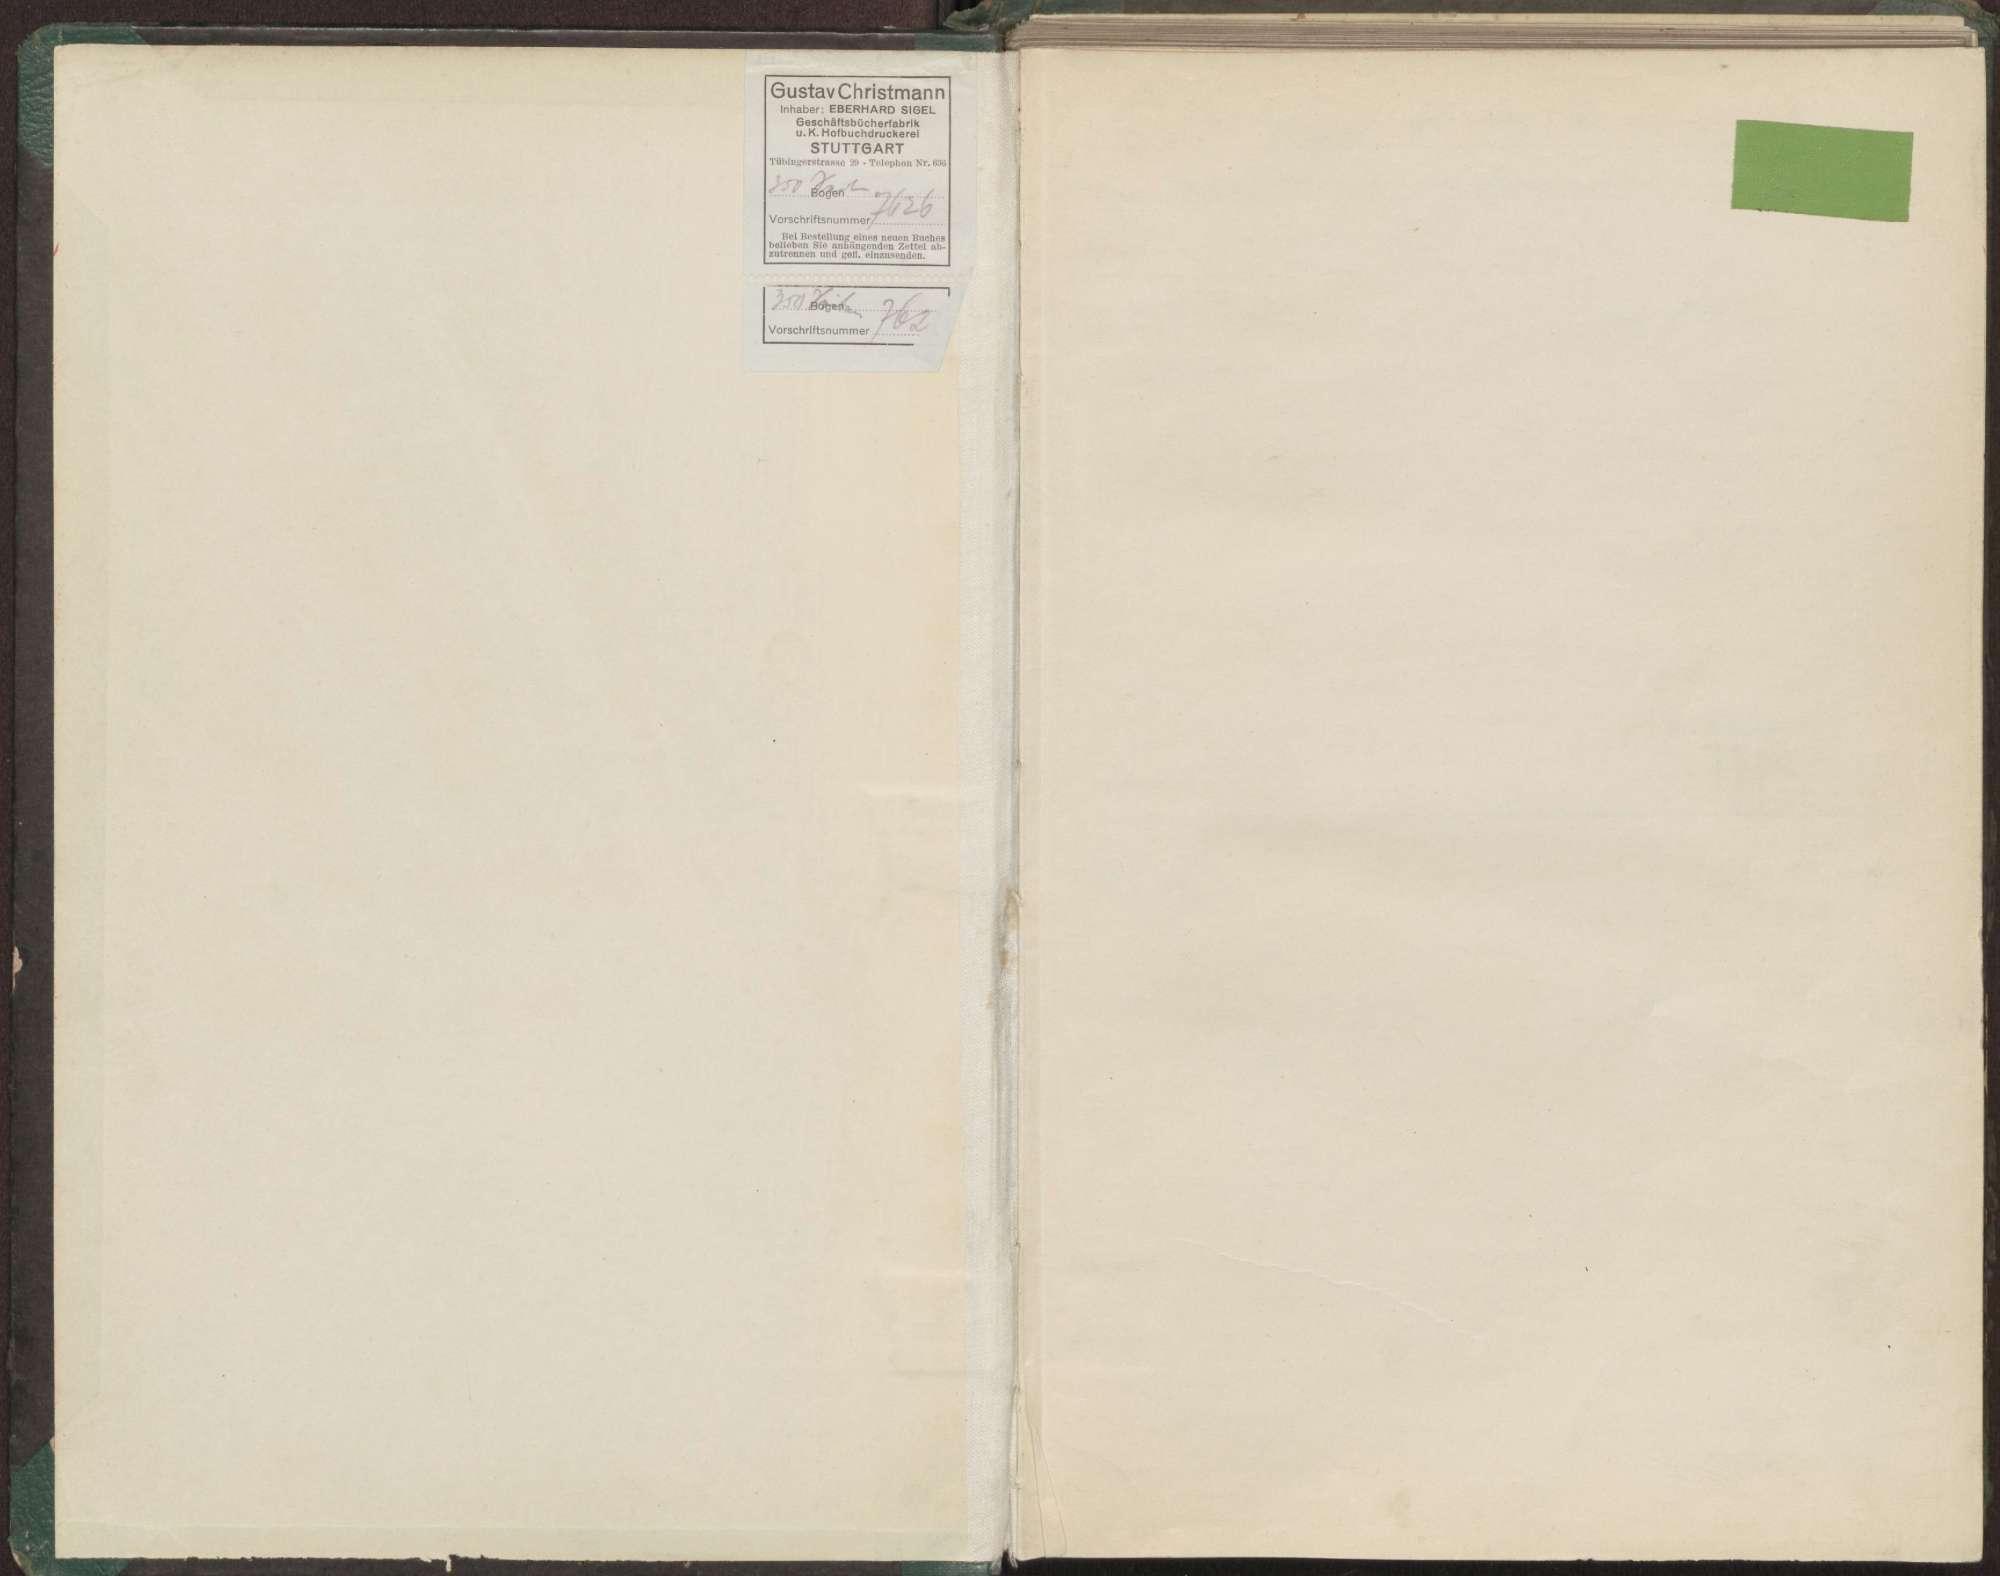 Proben- und Aufführungsbuch 1922/1923, Bild 2